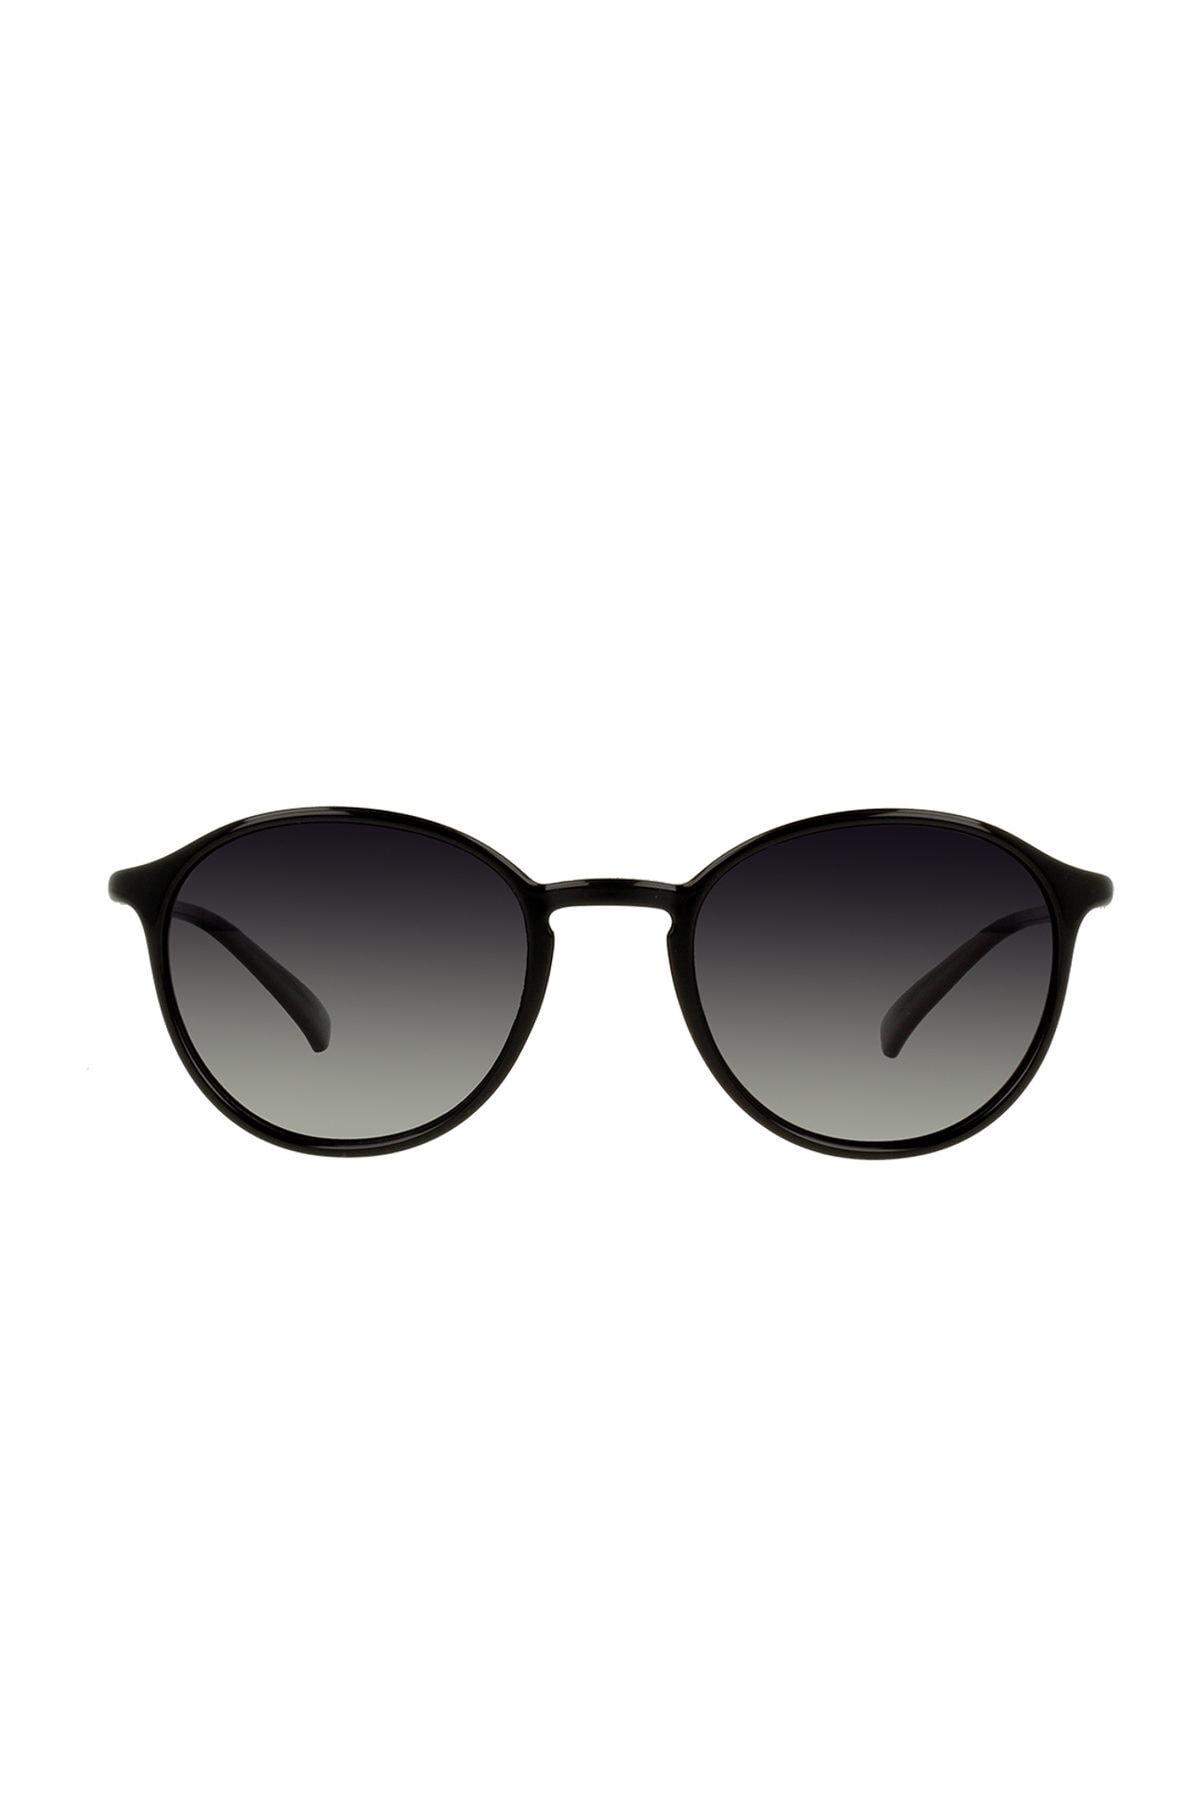 عینک آفتابی زنانه ترک برند Osse رنگ بژ کد ty35845393